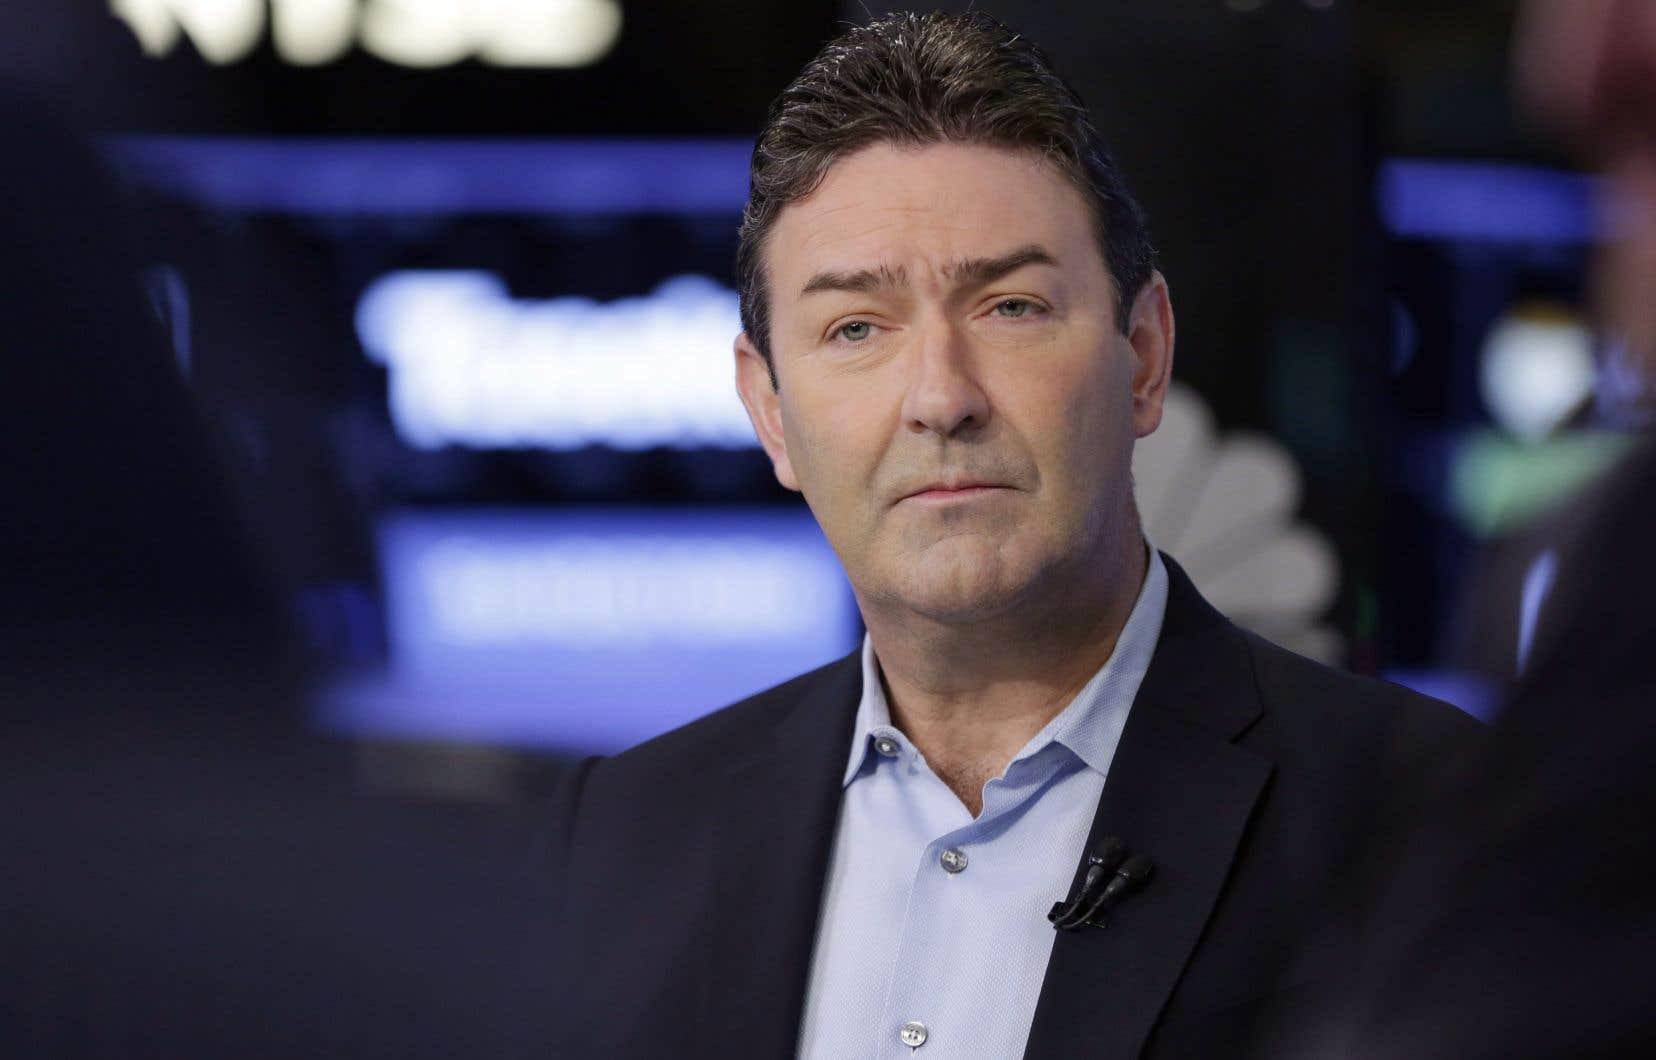 Le conseil d'administration de McDonald's a poussé Steve Easterbrook à démissionner en novembre 2019 pour avoir entretenu des liaisons avec des employées.